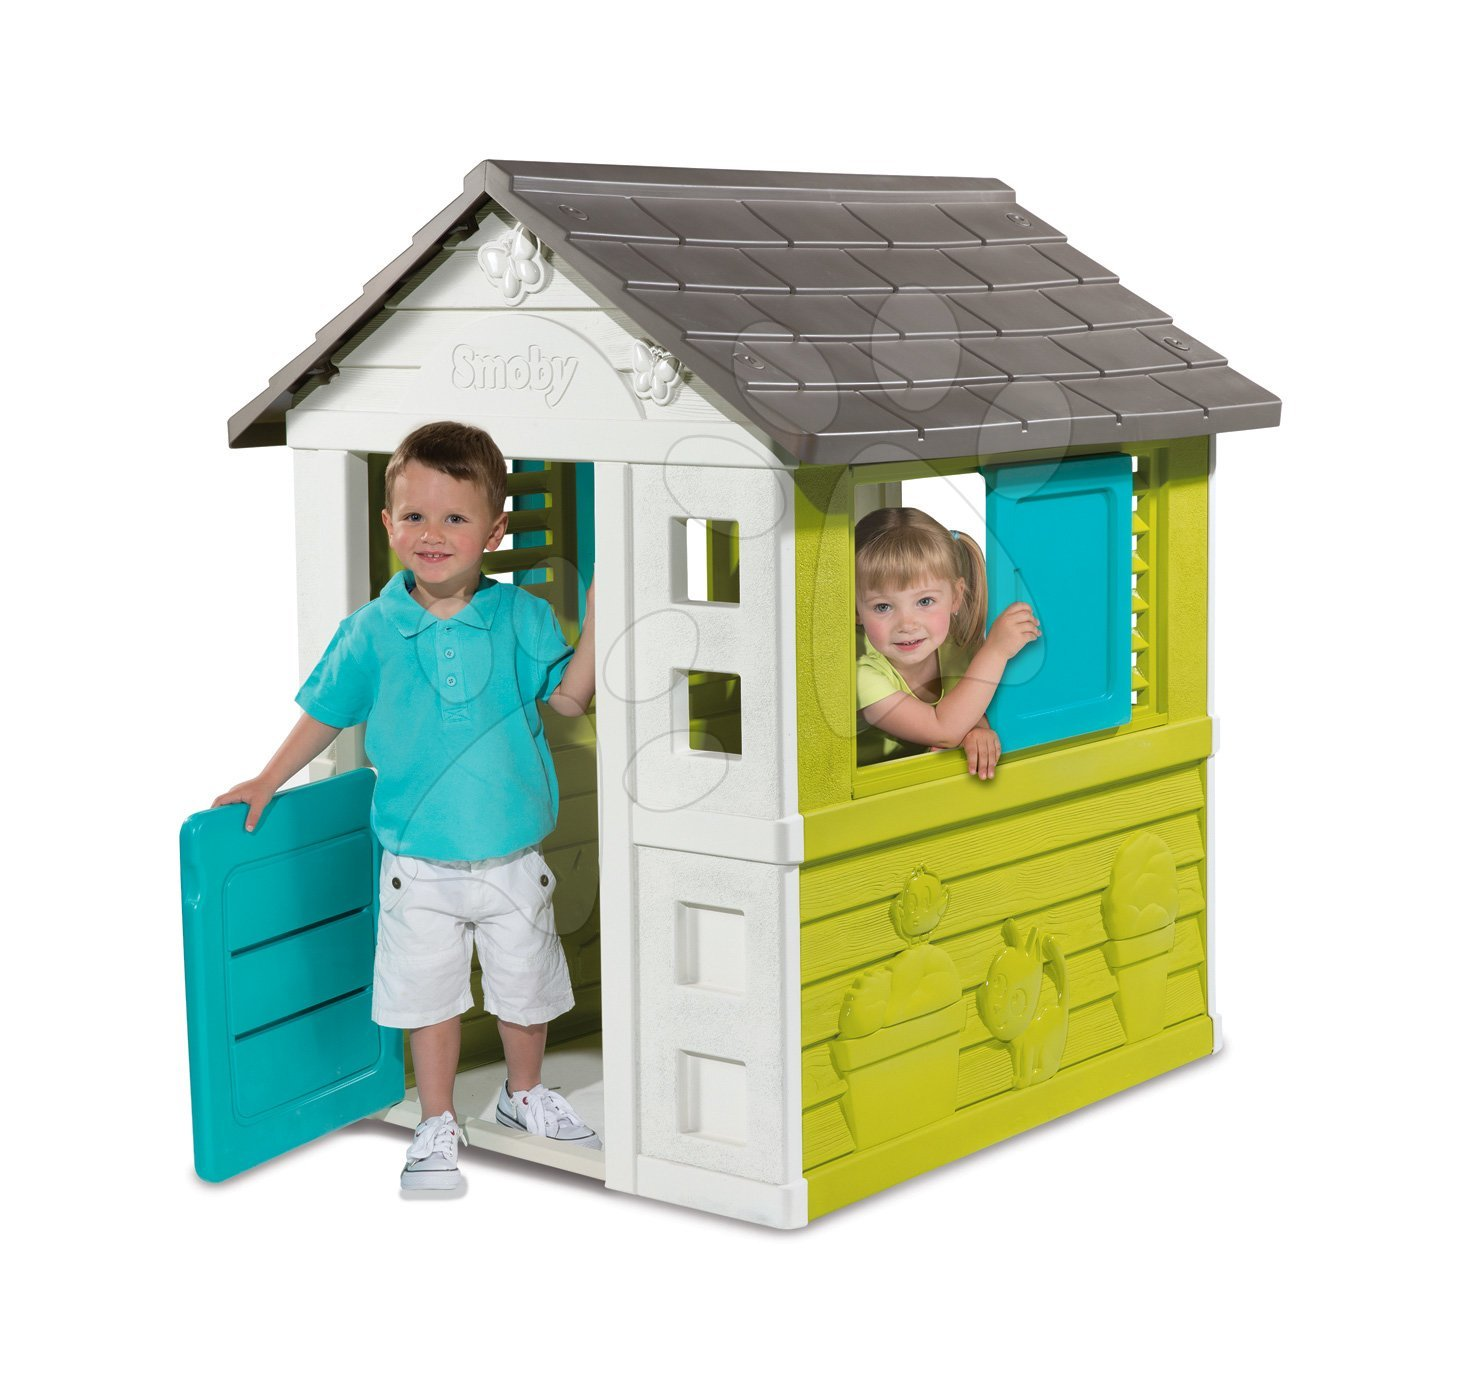 Hiška Pretty Blue Smoby modro-zelena z UV filtrom, 3 okni, 2 žaluziji in 2 premični naoknici od 2 leta